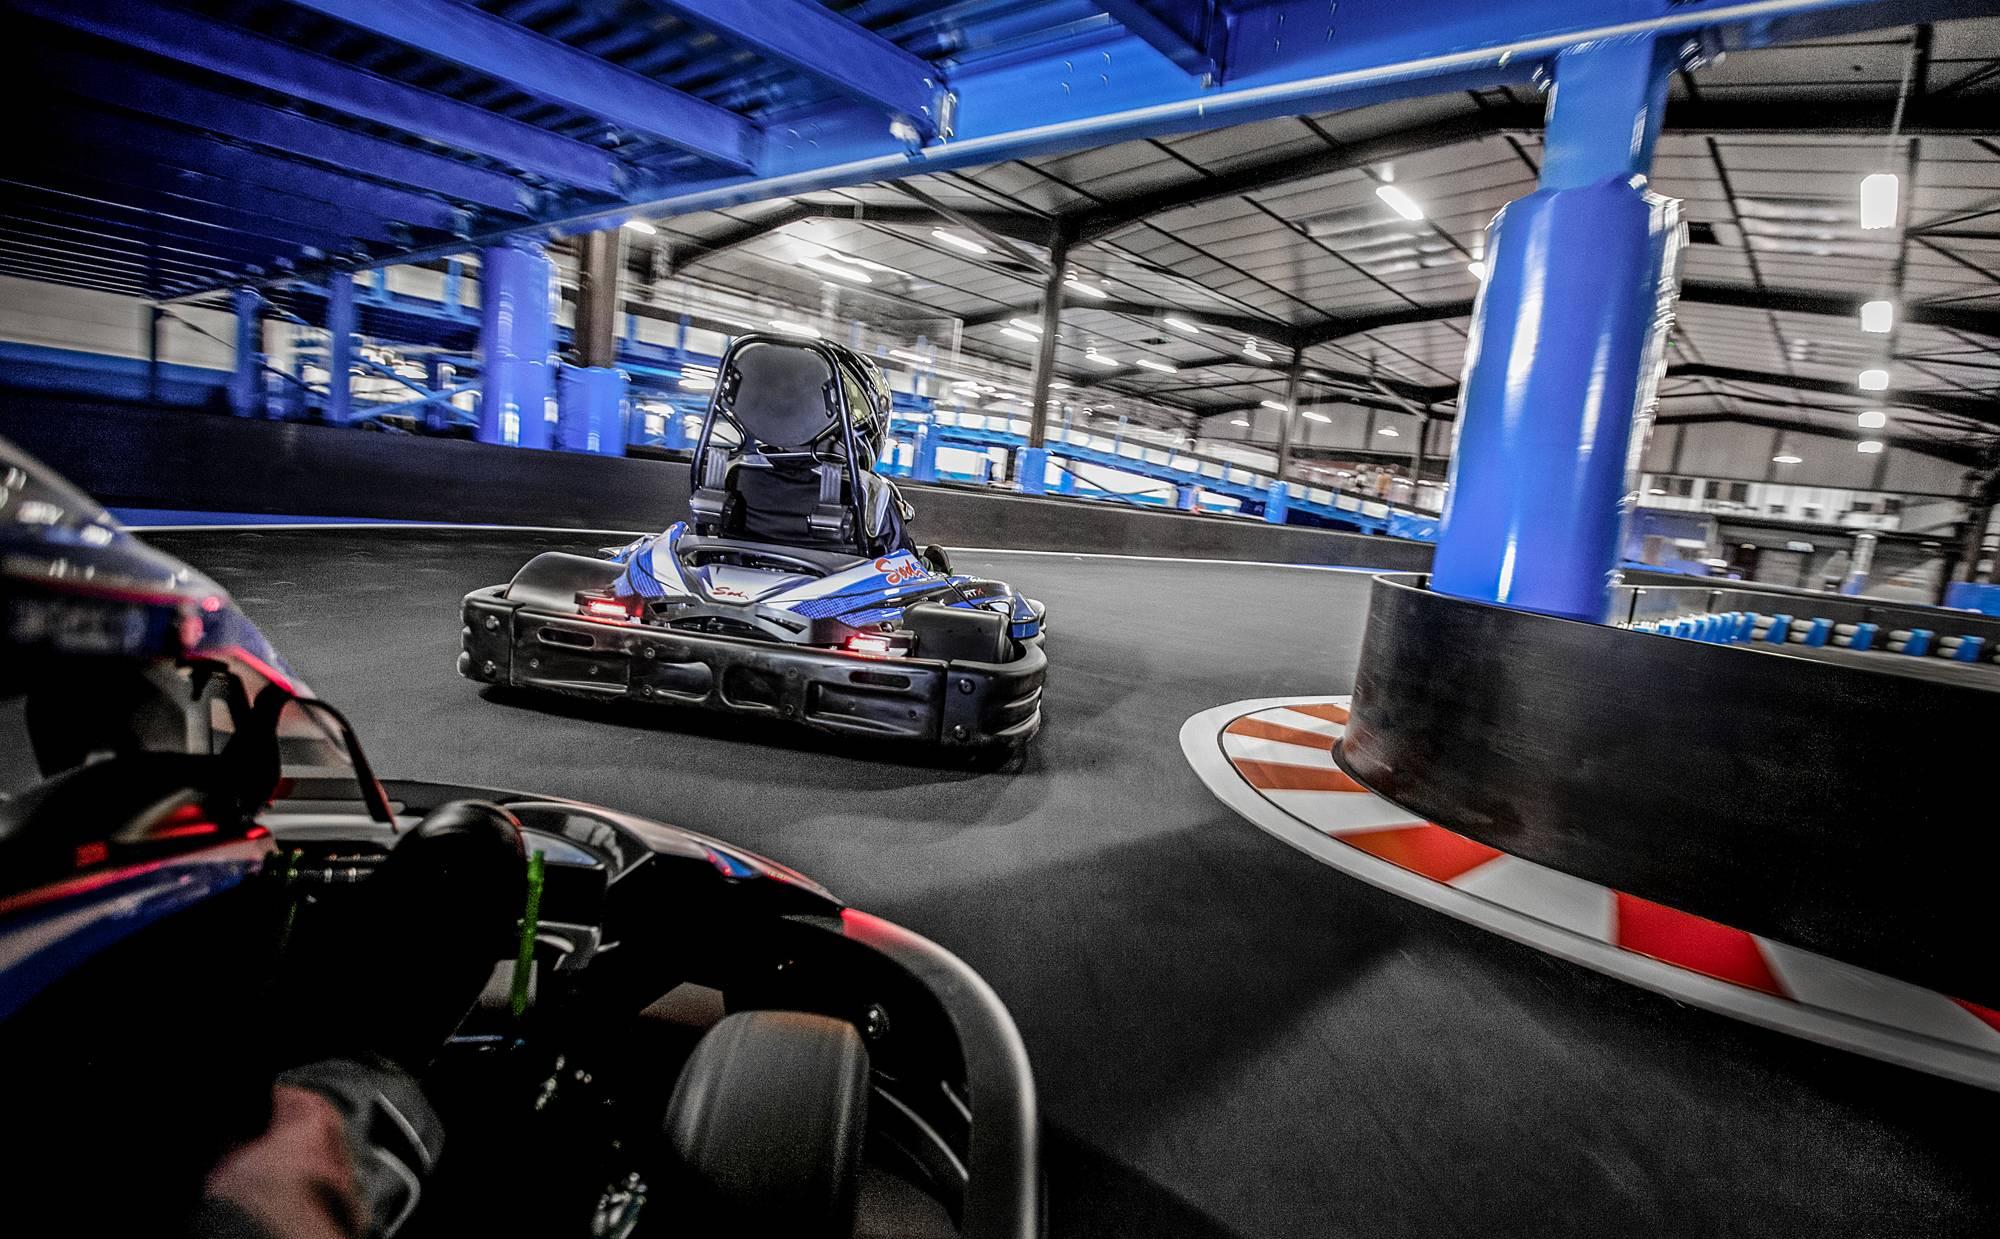 piste de karting pour adultes et enfants à lyon